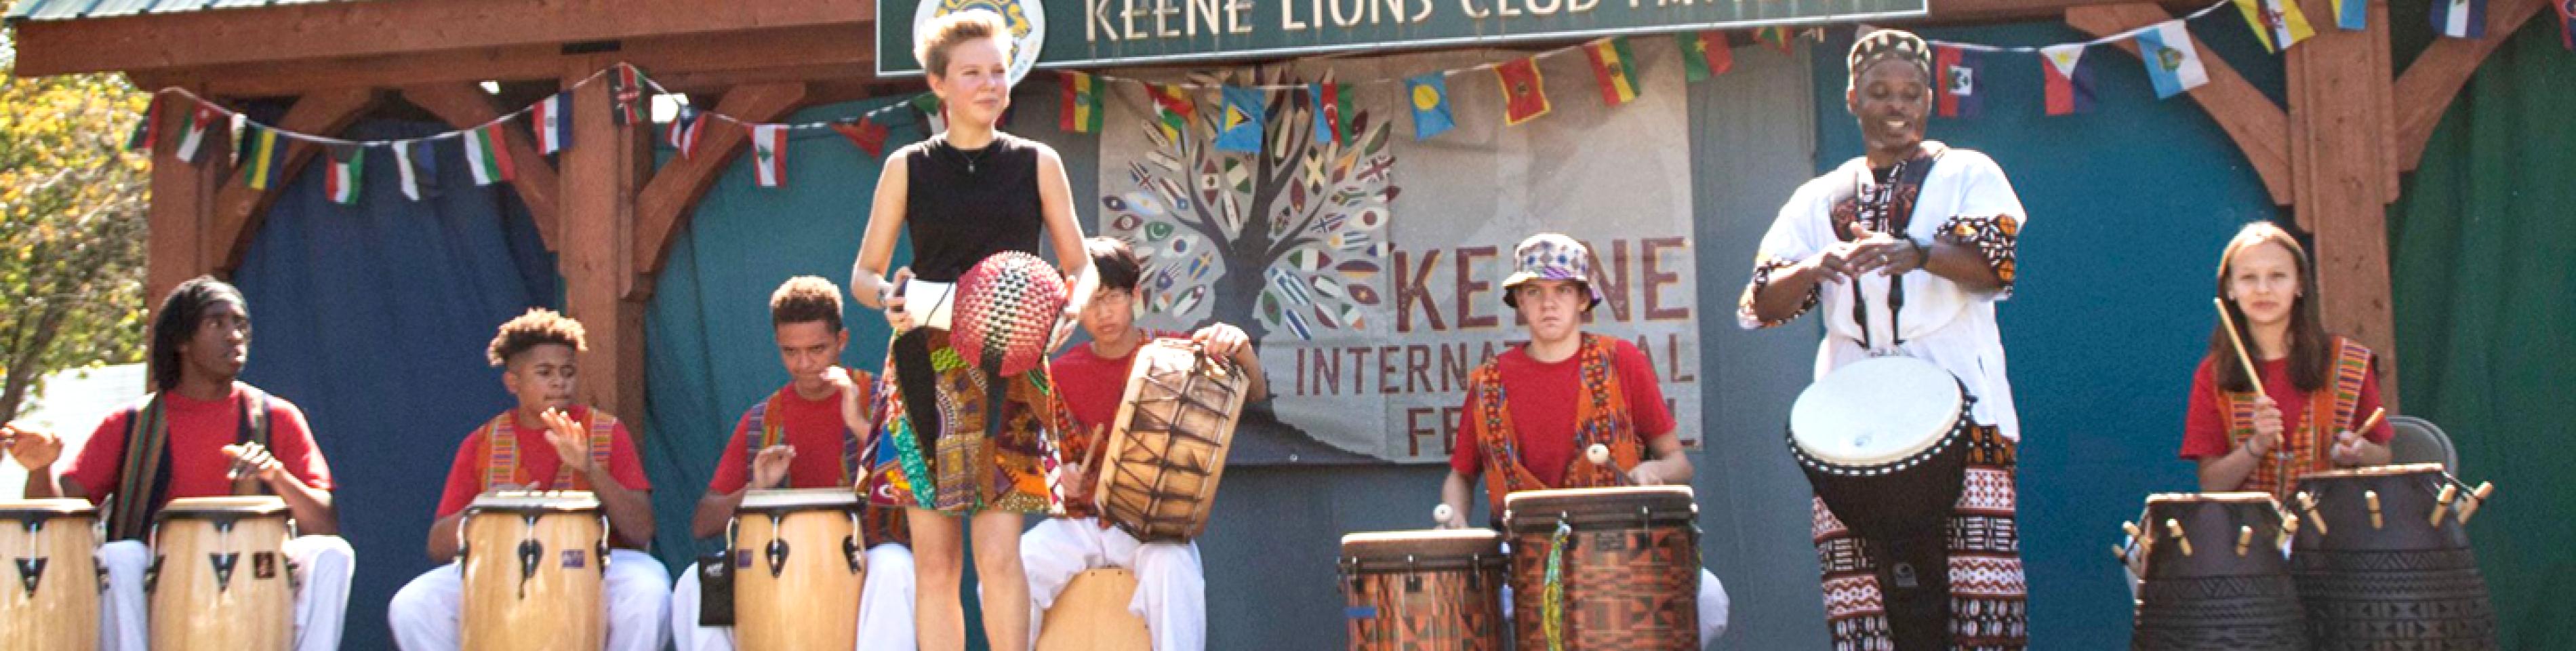 Keene International Festival Image